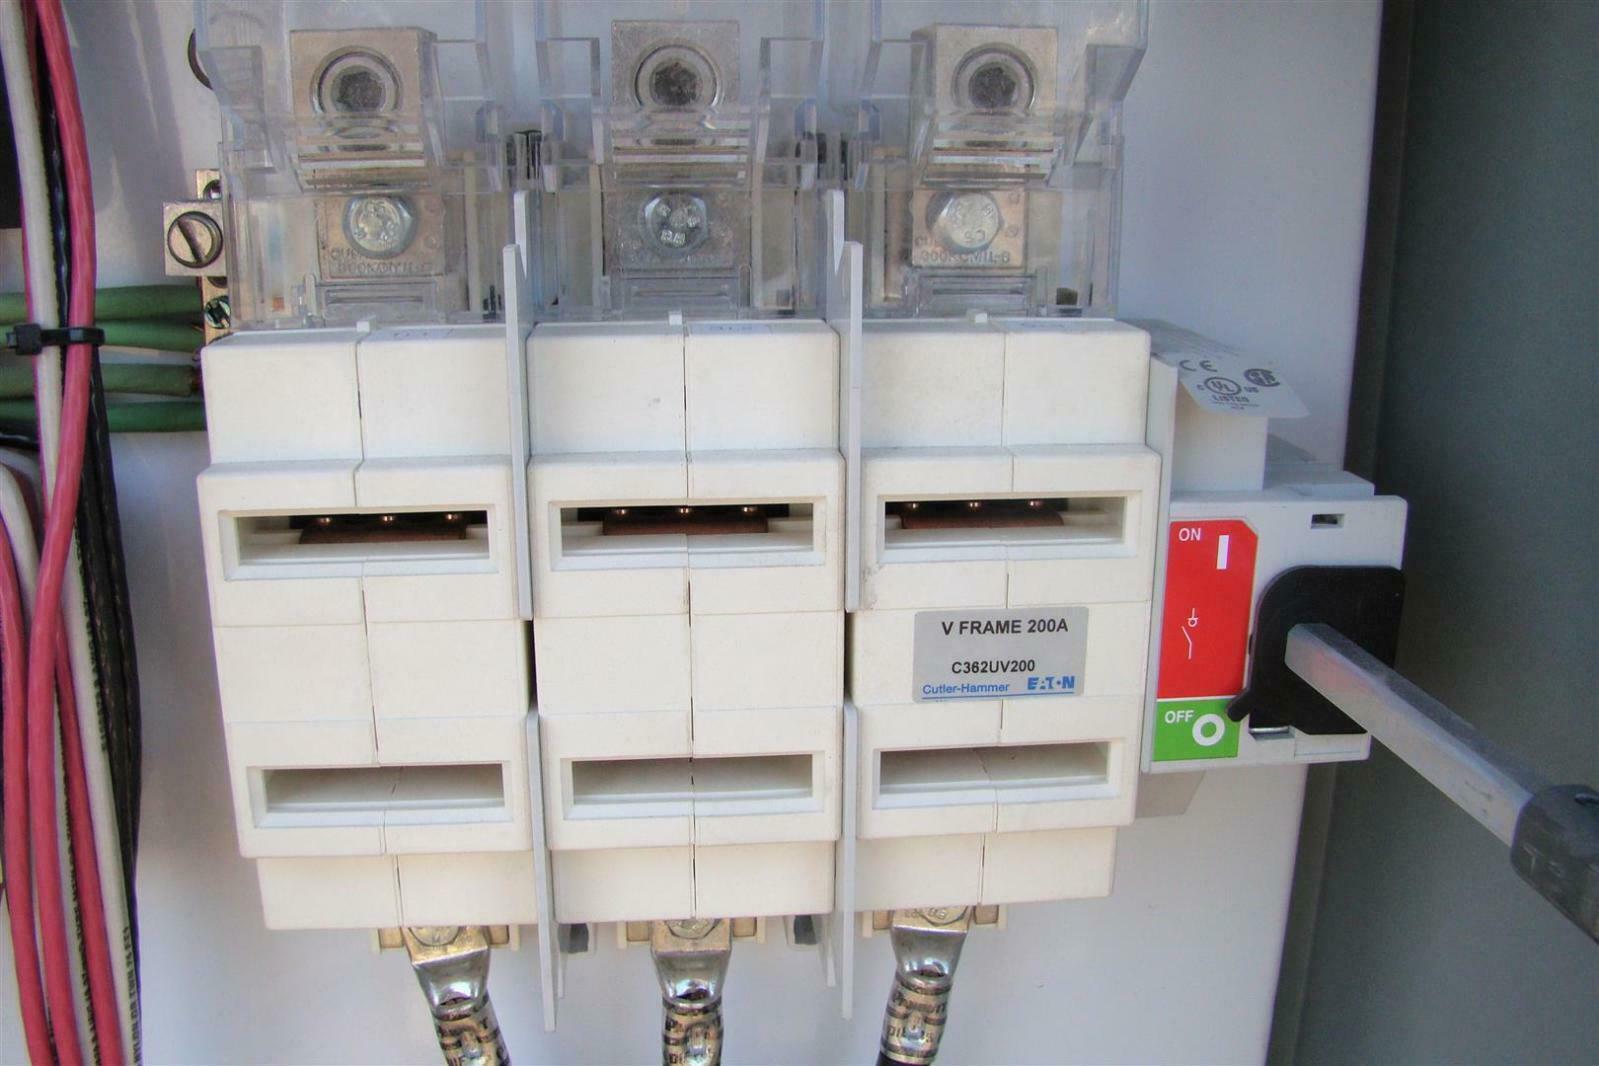 Lincoln Electric 4 Pack Welder Rack 208/230/460/575v, 3PH ...